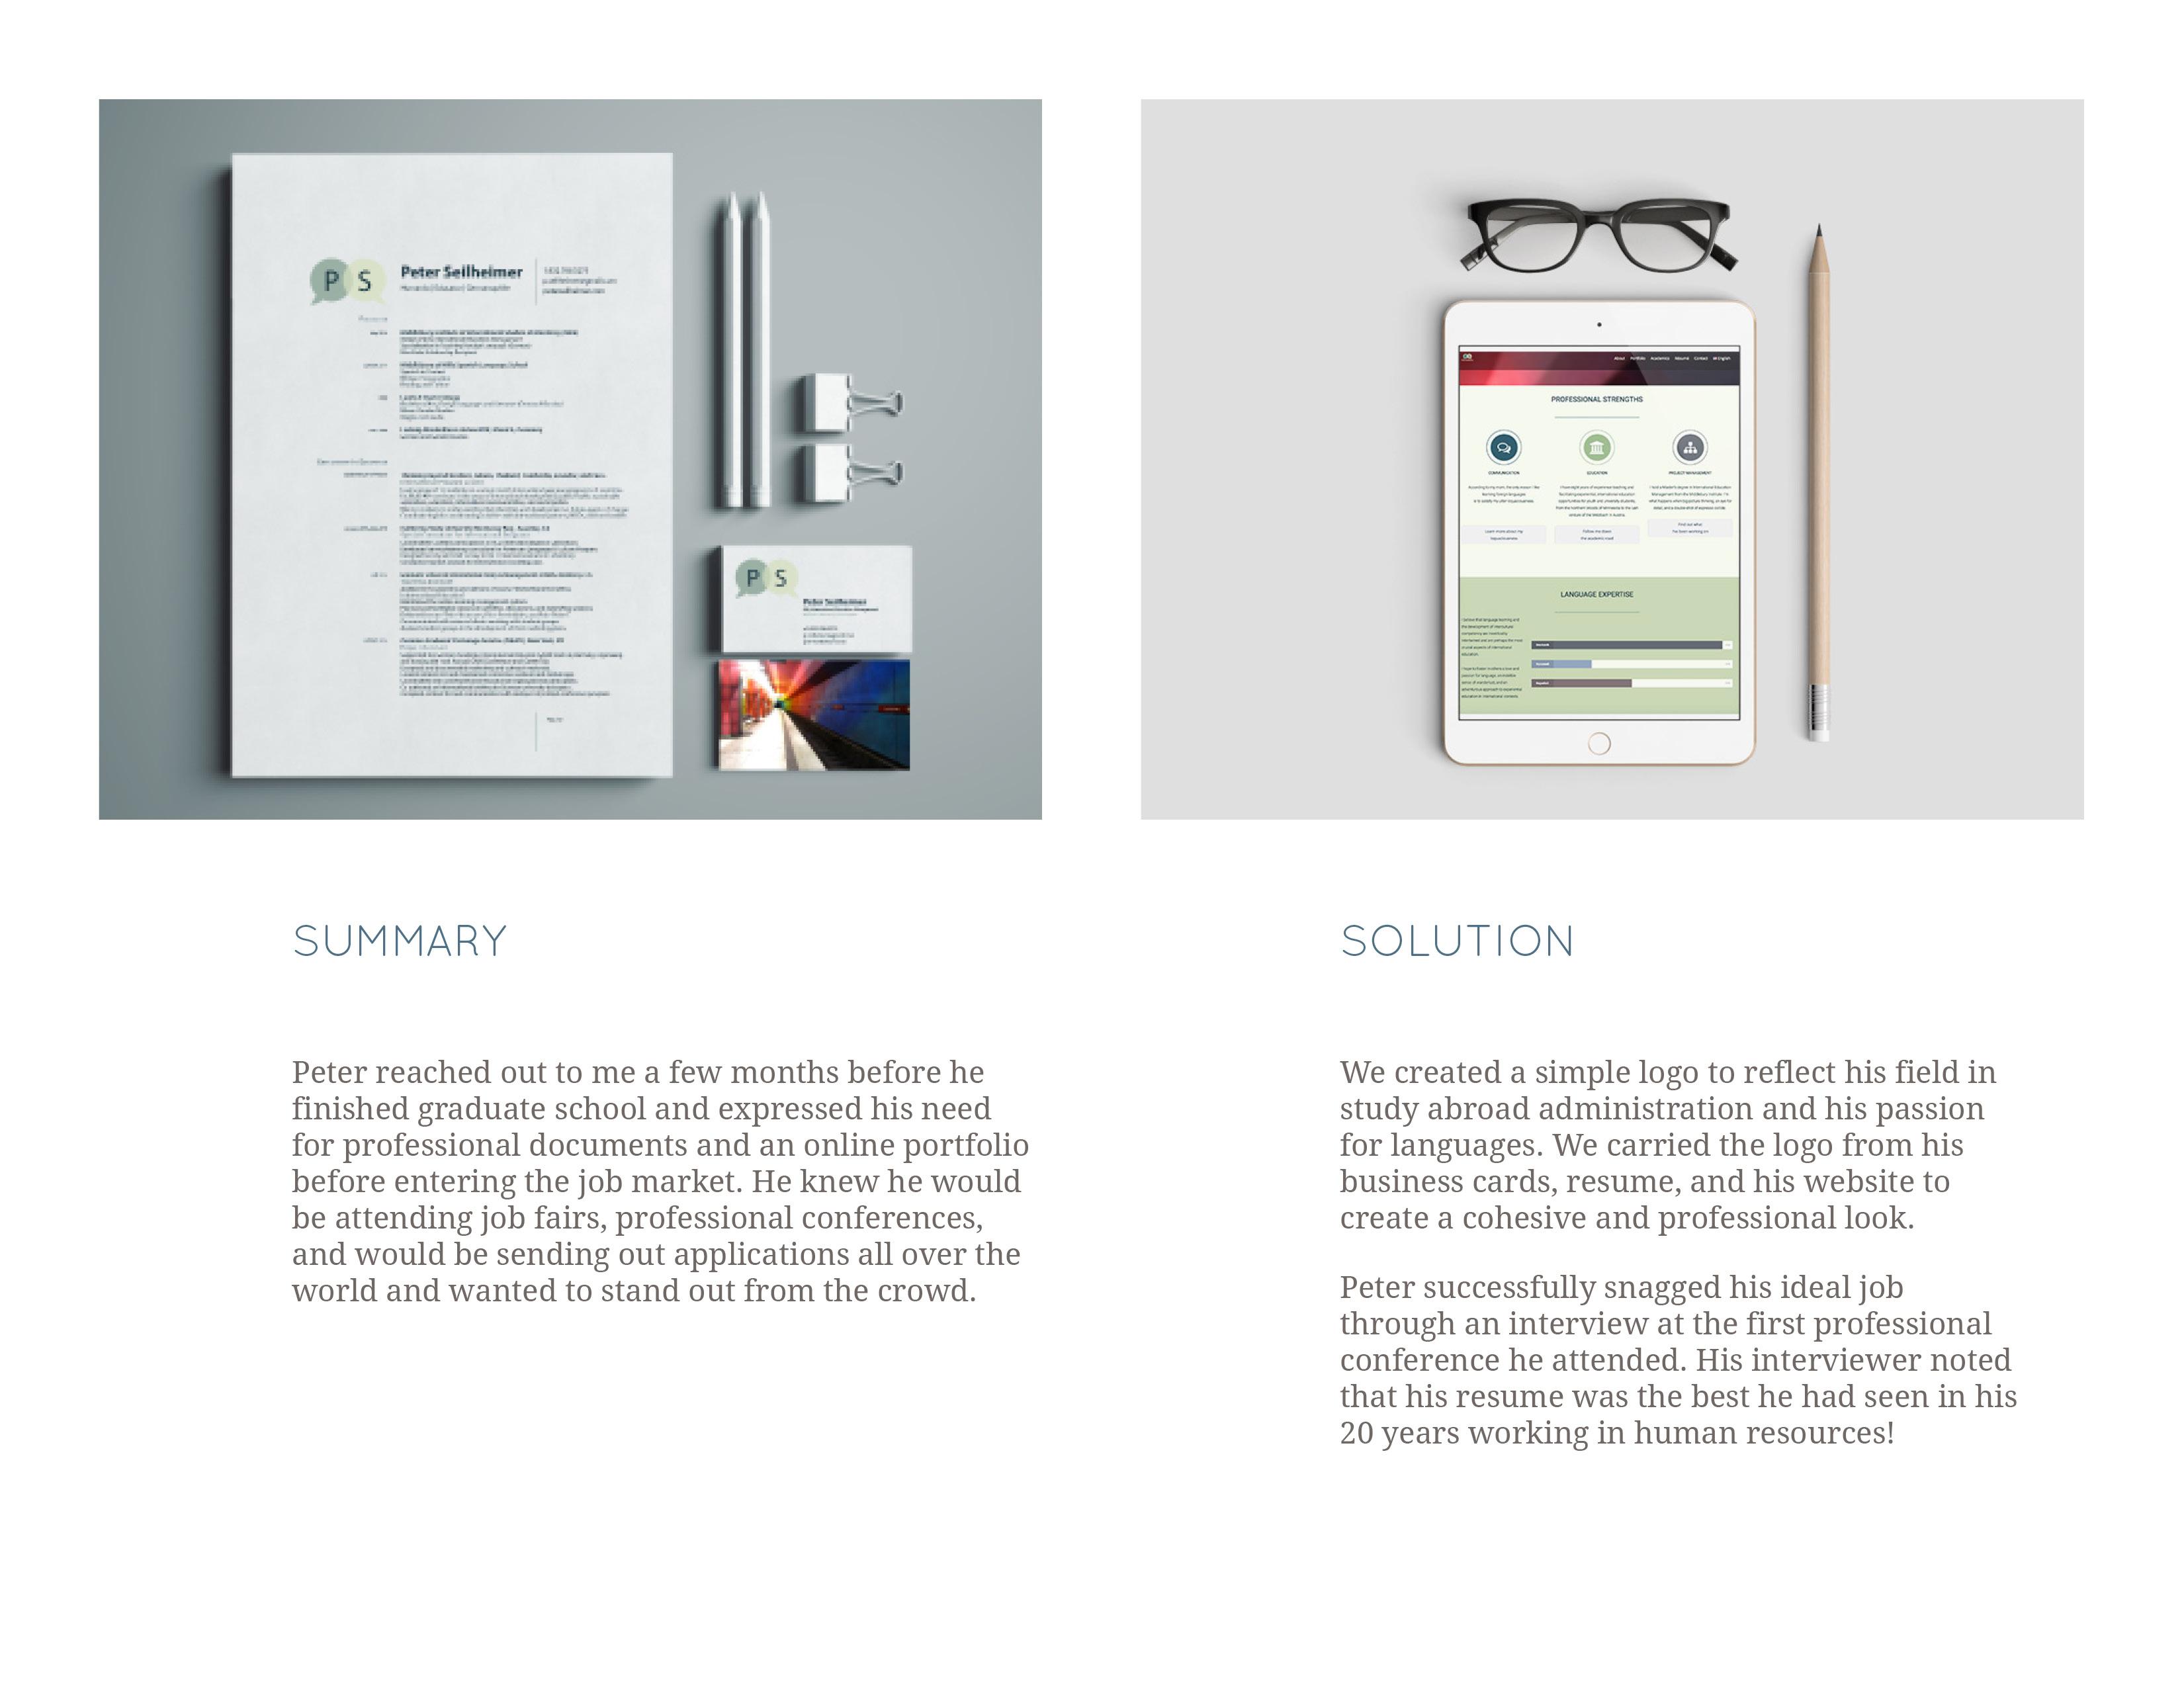 Client Presentation-Peter Seilheimer